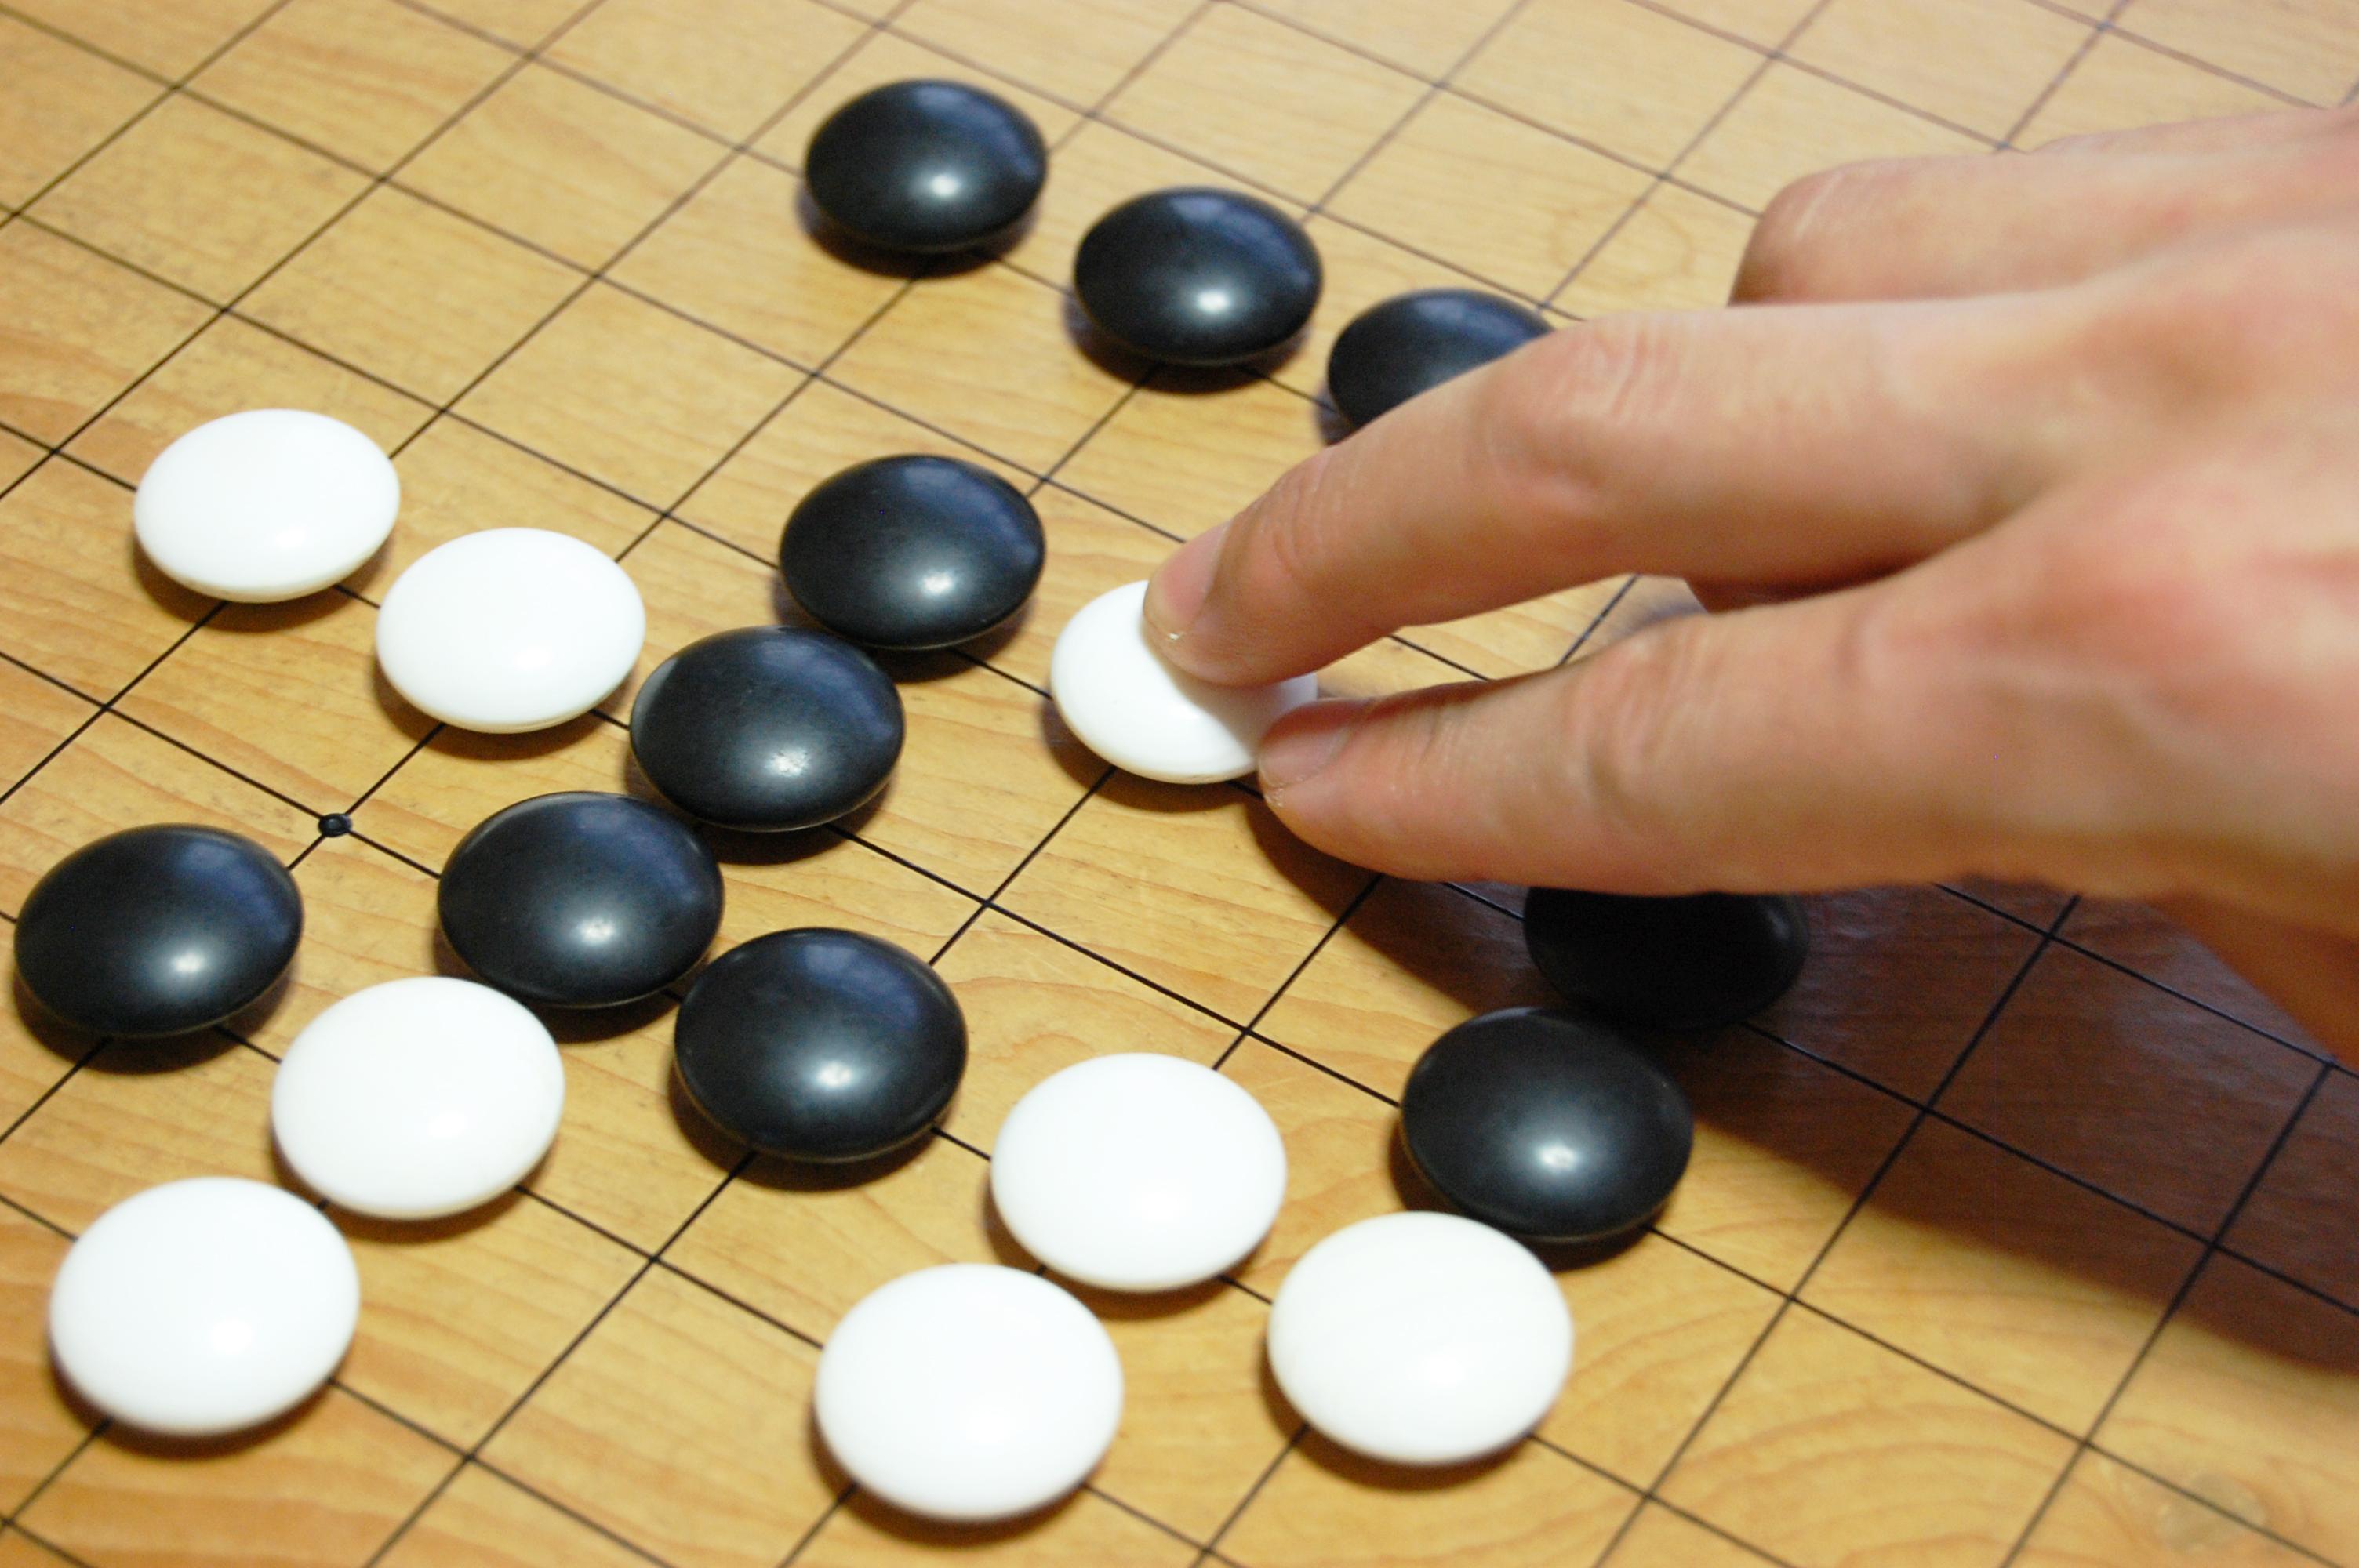 囲碁に由来する言葉は目標/死活問題?|ことば検定5月14日